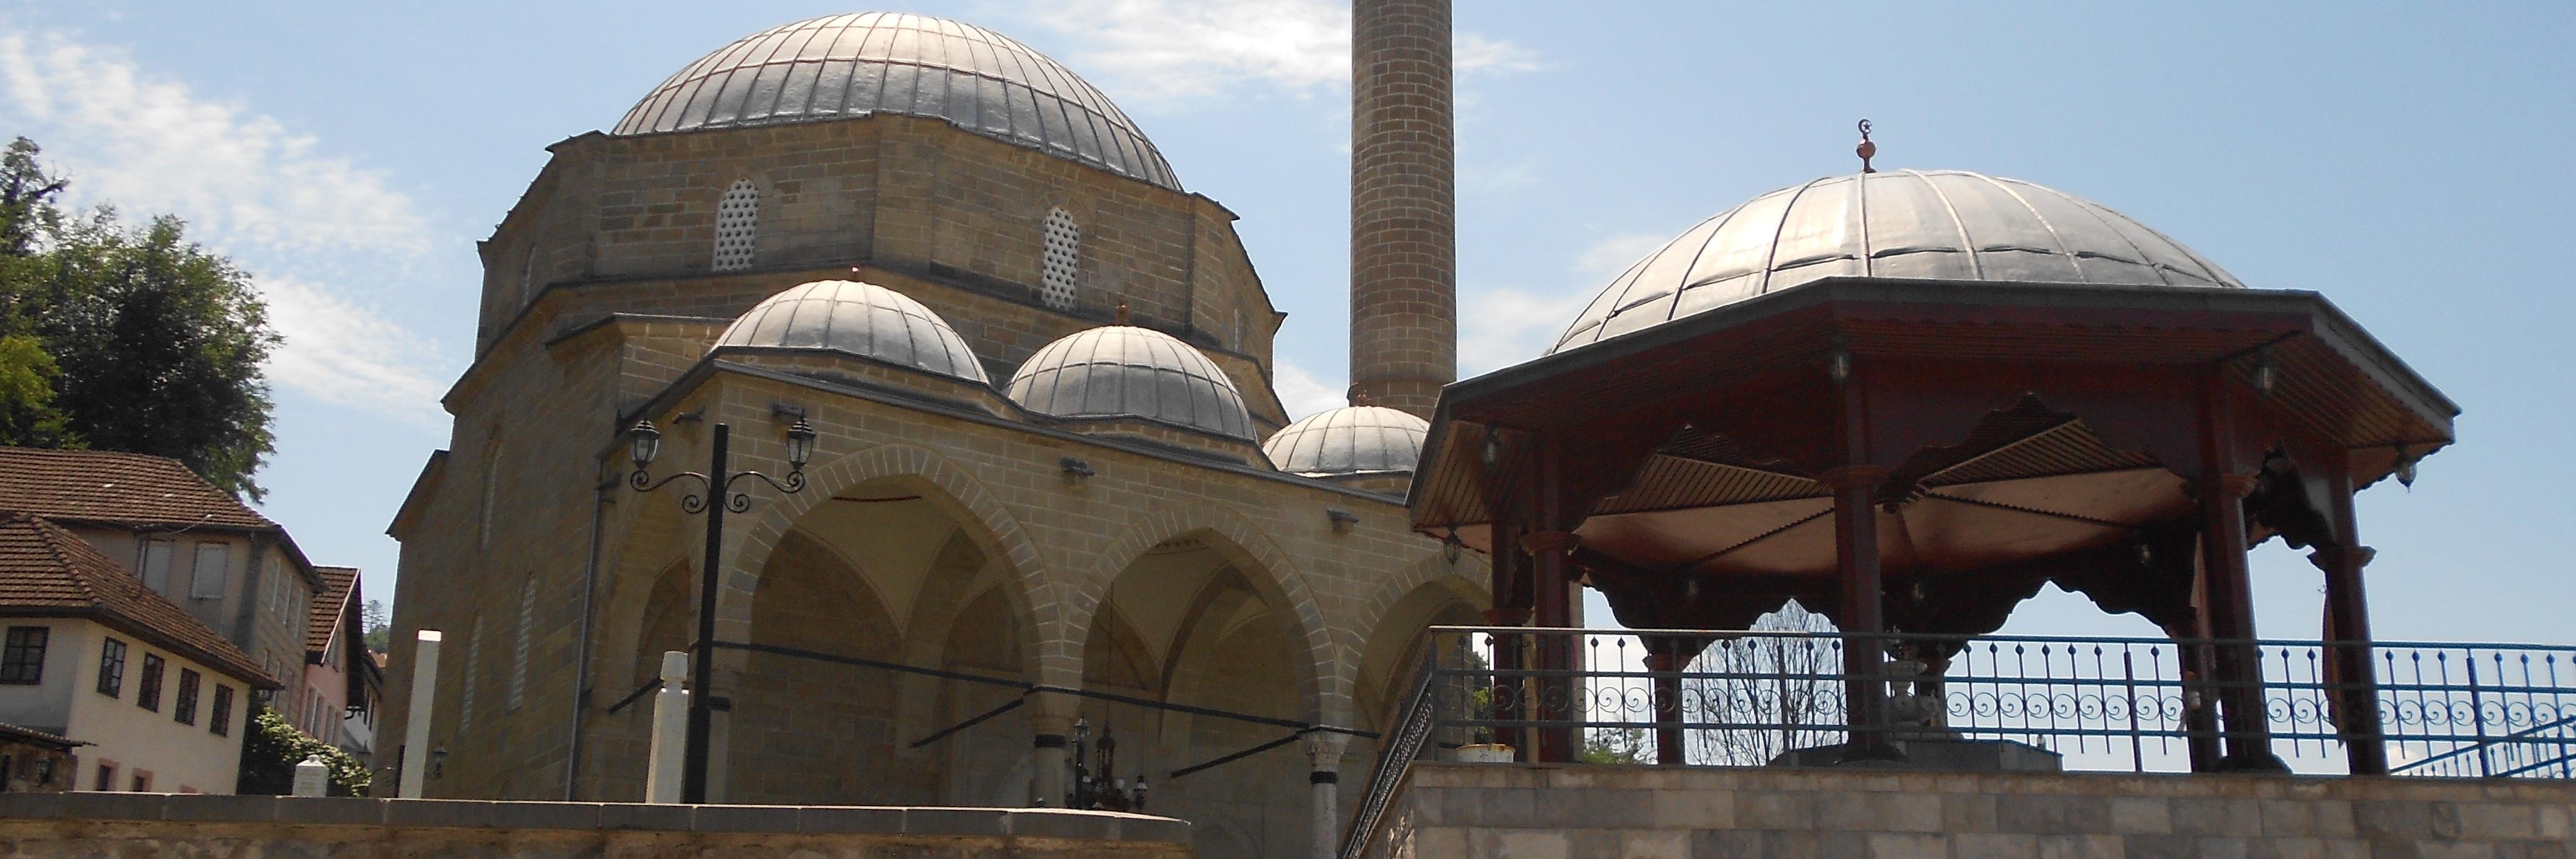 Мечеть Куршумлия в Маглае